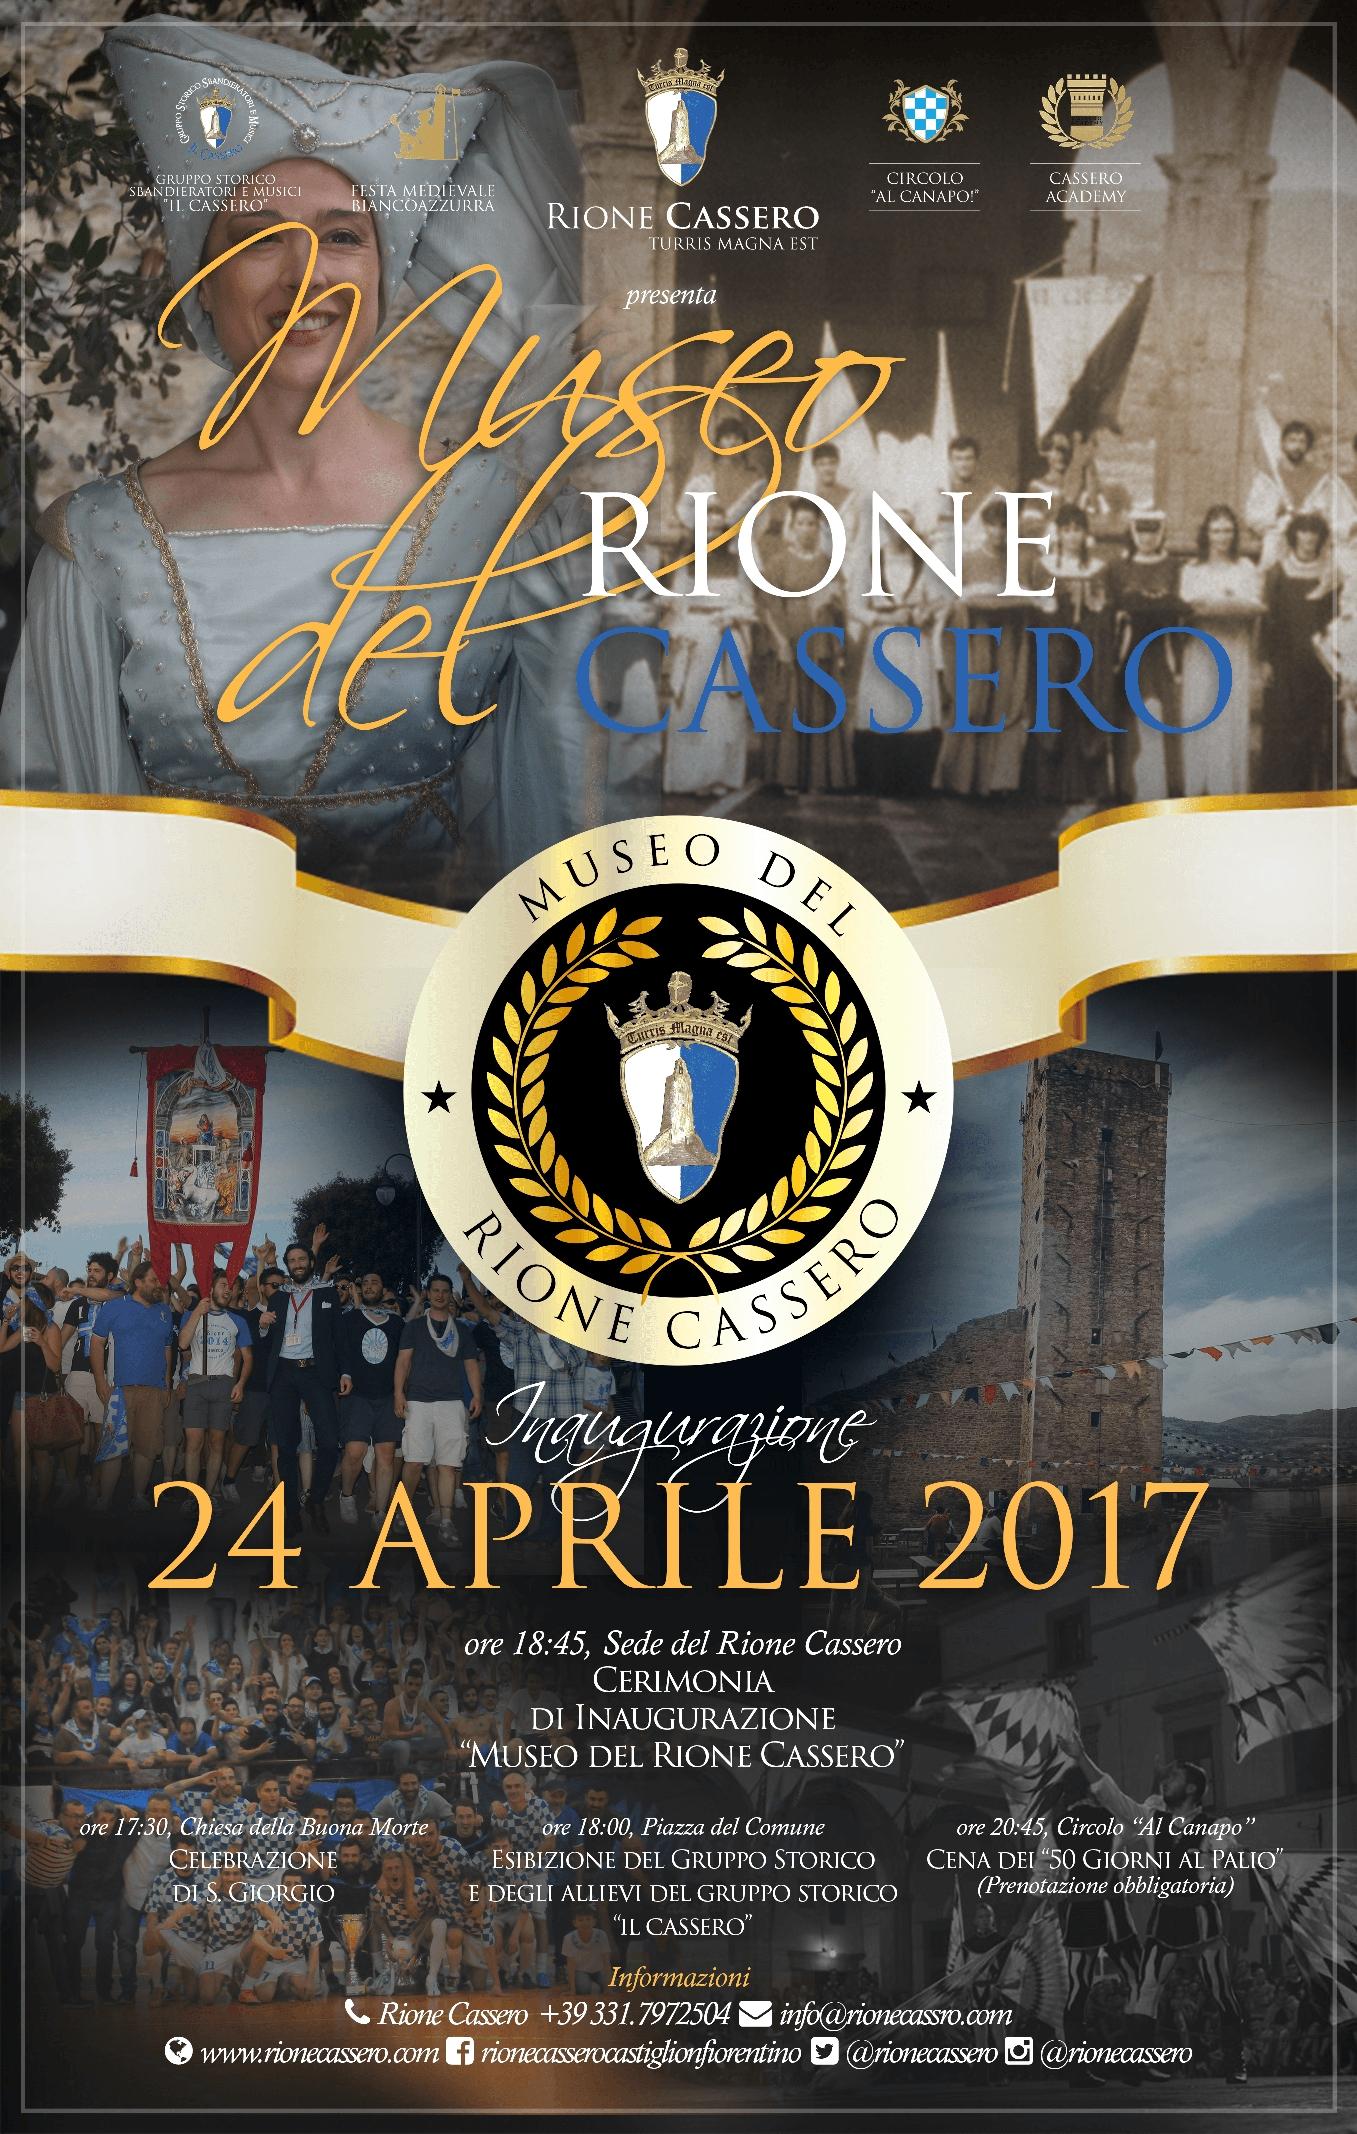 Il Rione Cassero celebra la sua storia con un Museo